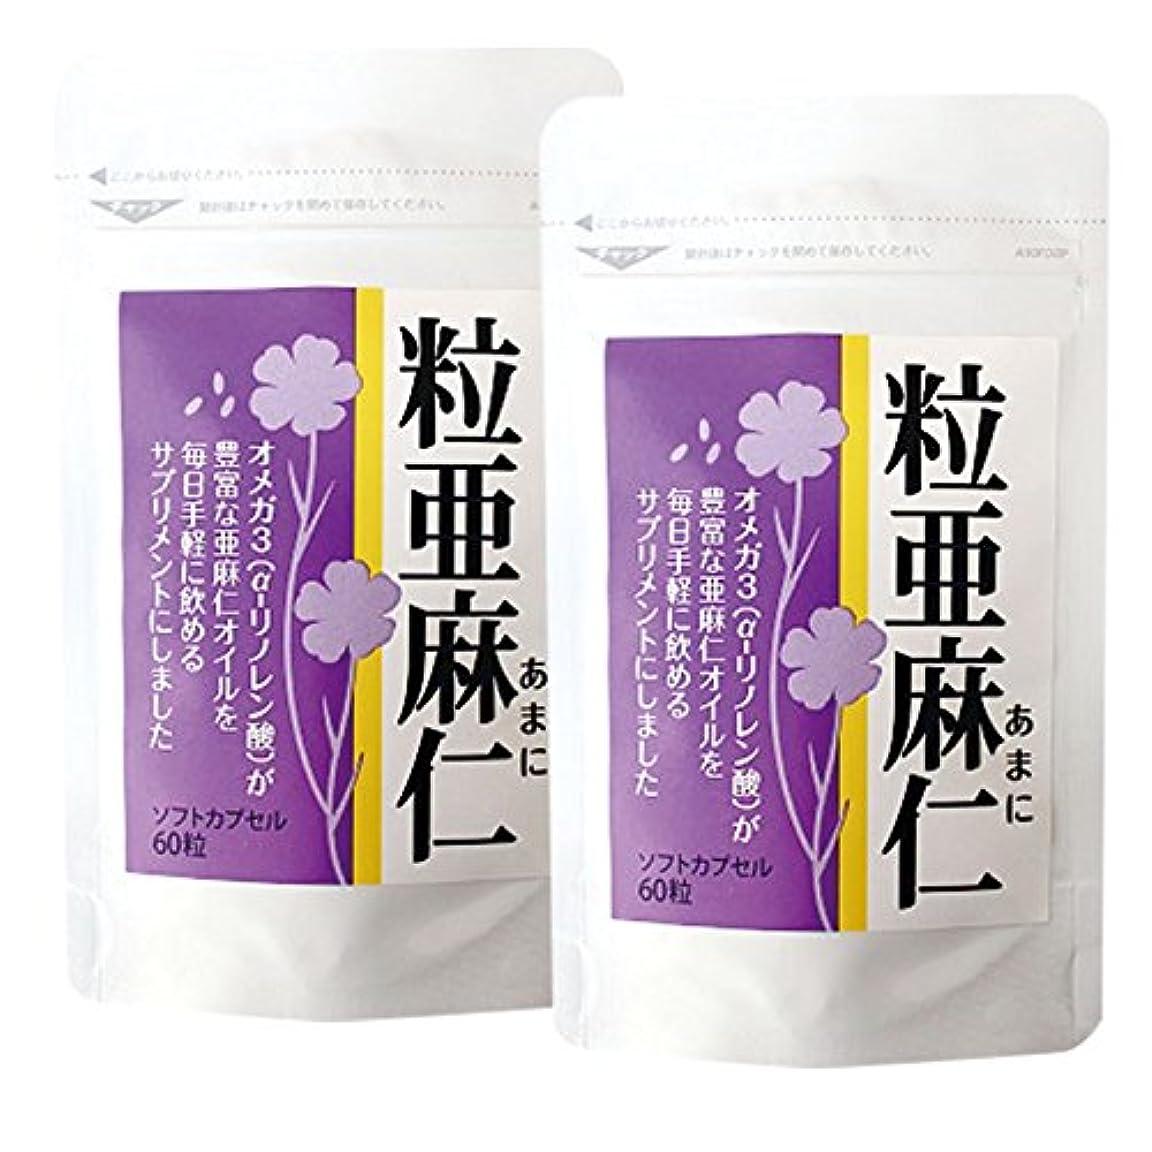 難しい遊び場排除粒亜麻仁(60粒)×2袋セット